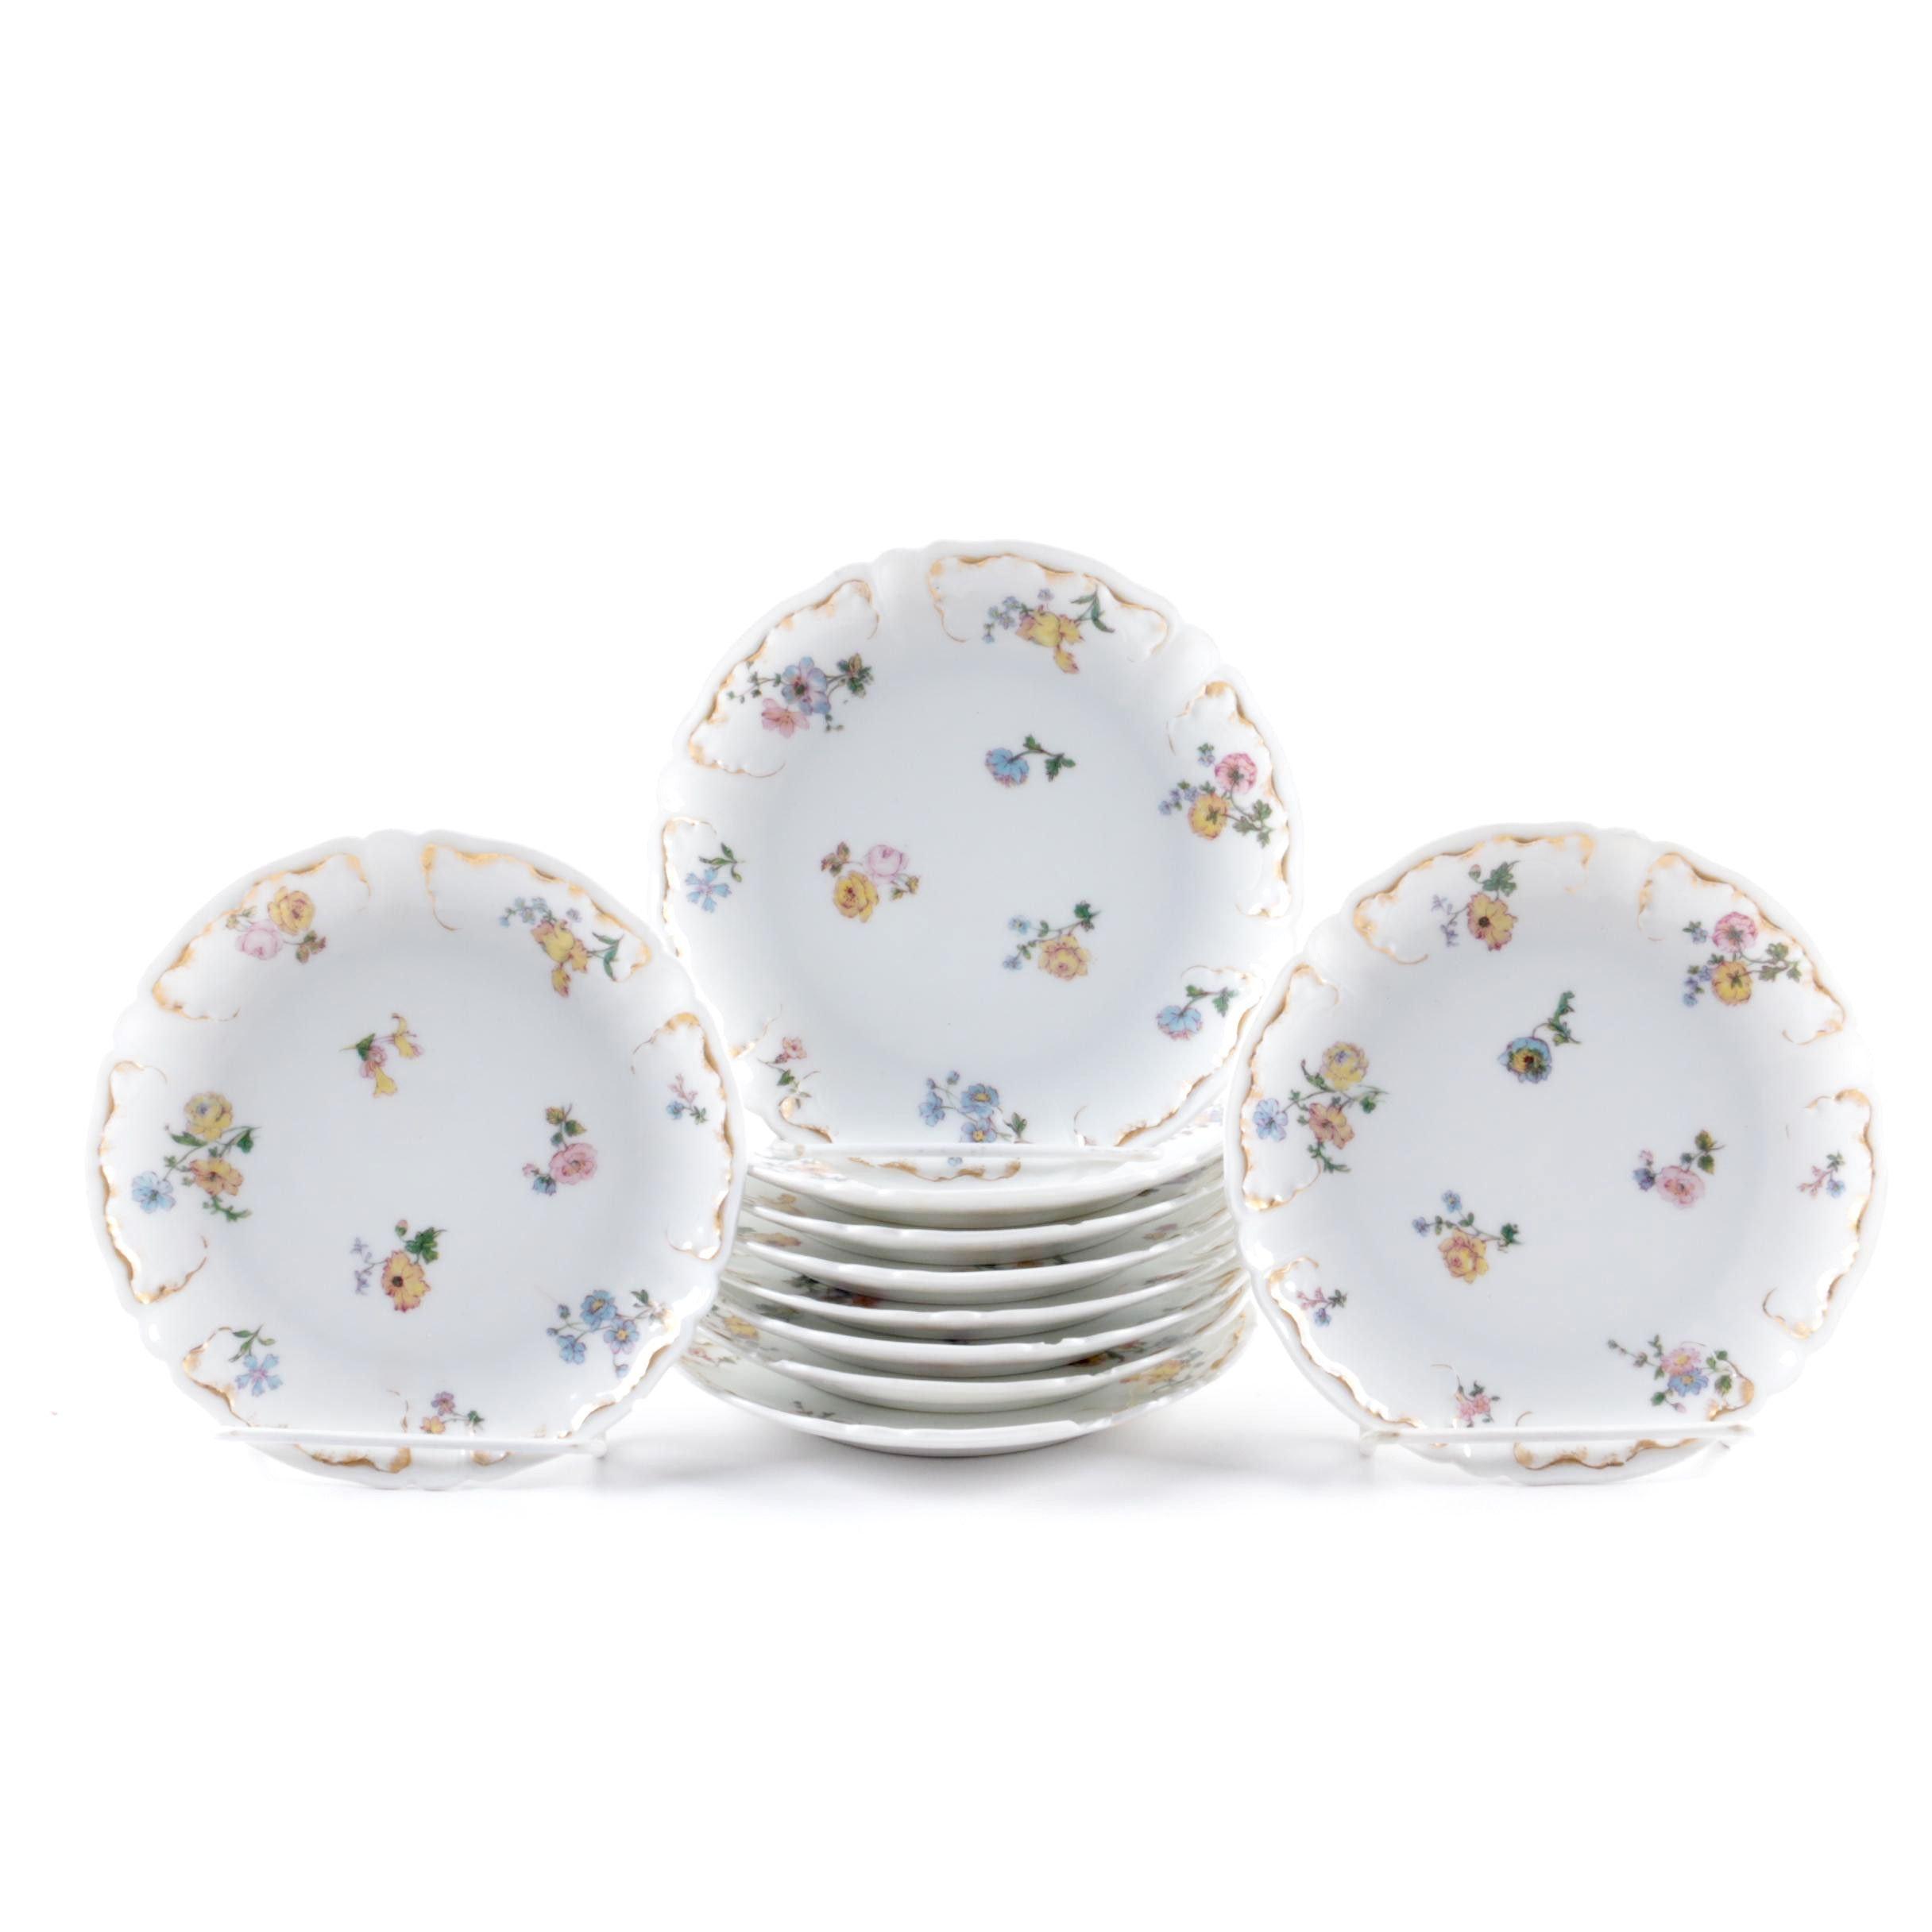 Antique Haviland & Co. Porcelain Plates